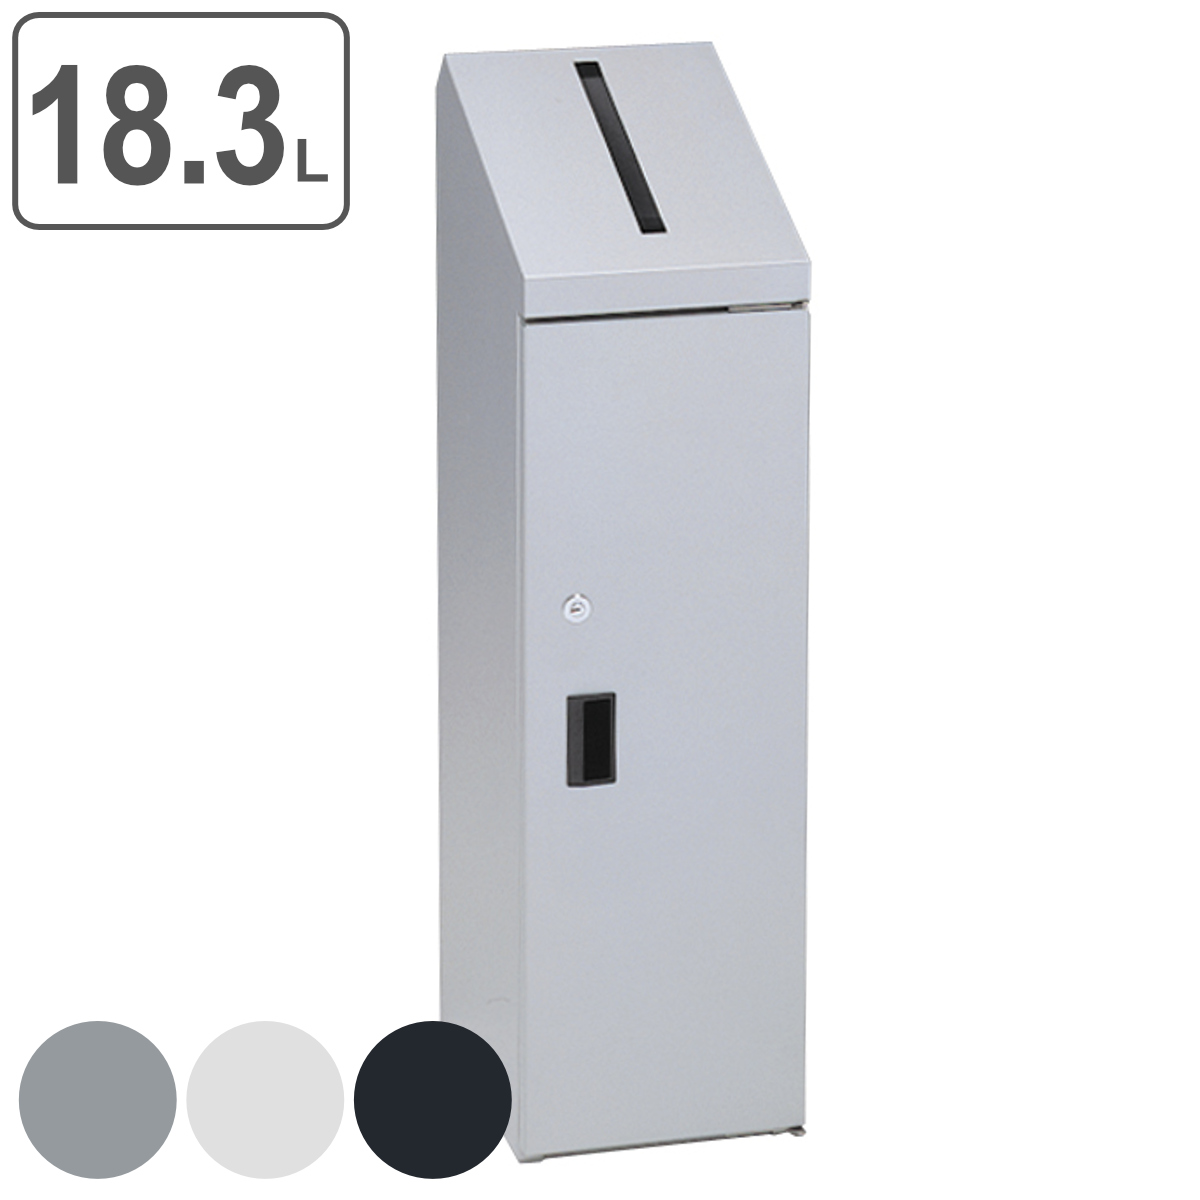 機密書類回収ボックス スリム ( 送料無料 業務用 ゴミ箱 ダストボックス マイナンバー制度 ごみ箱 個人情報 鍵付 セキュリティー )